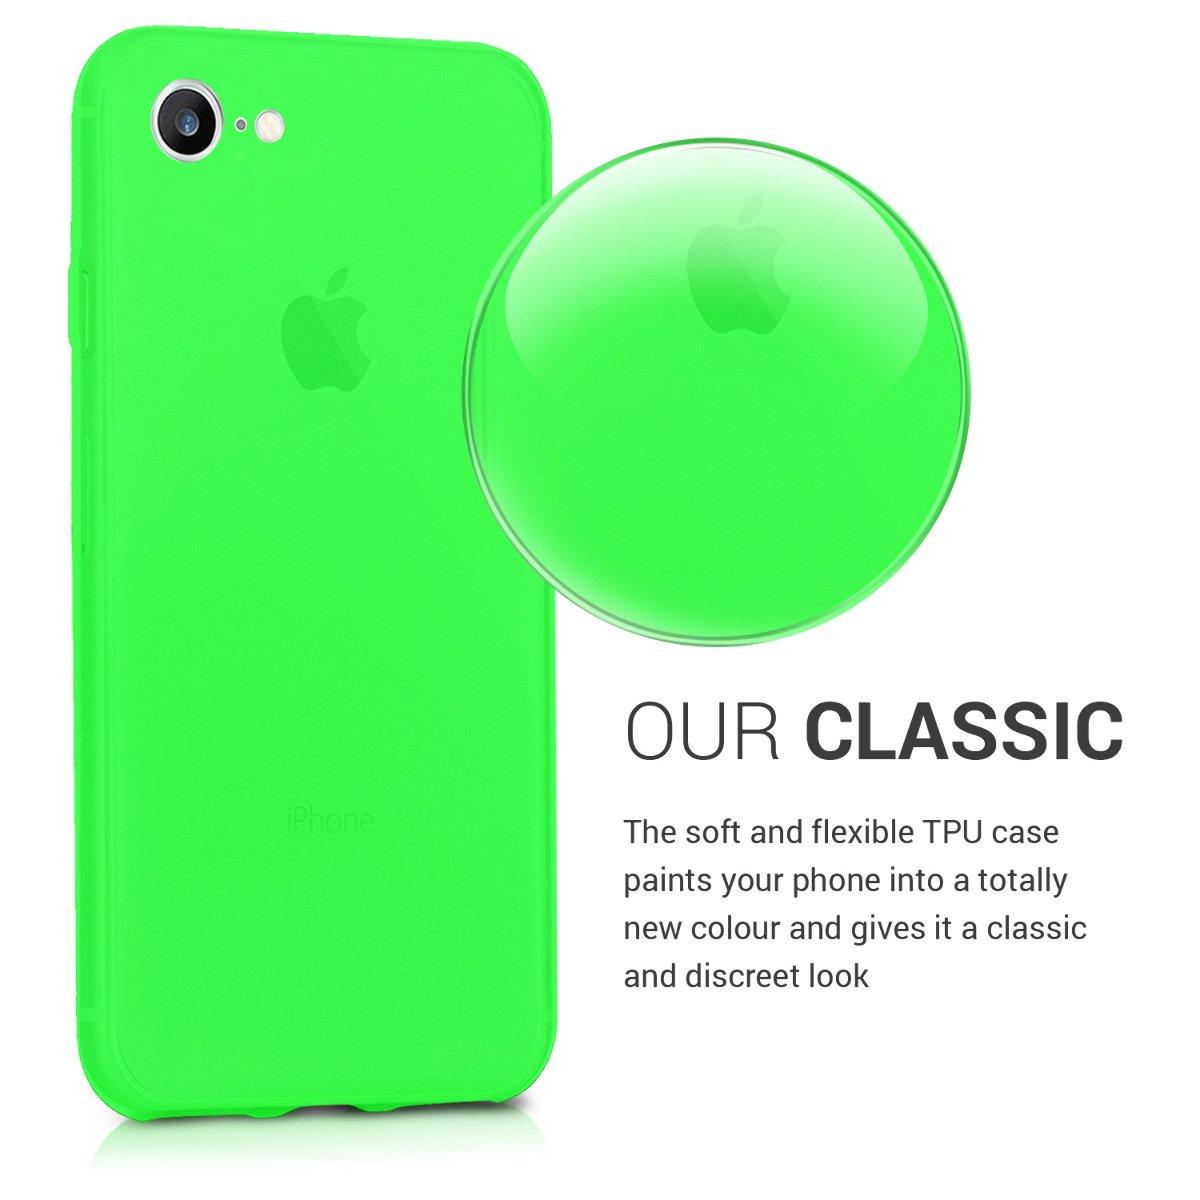 Carcasa de m/óvil de Silicona con Tarjetero y Acabado de Goma Menta kwmobile Funda para Apple iPhone 7//8